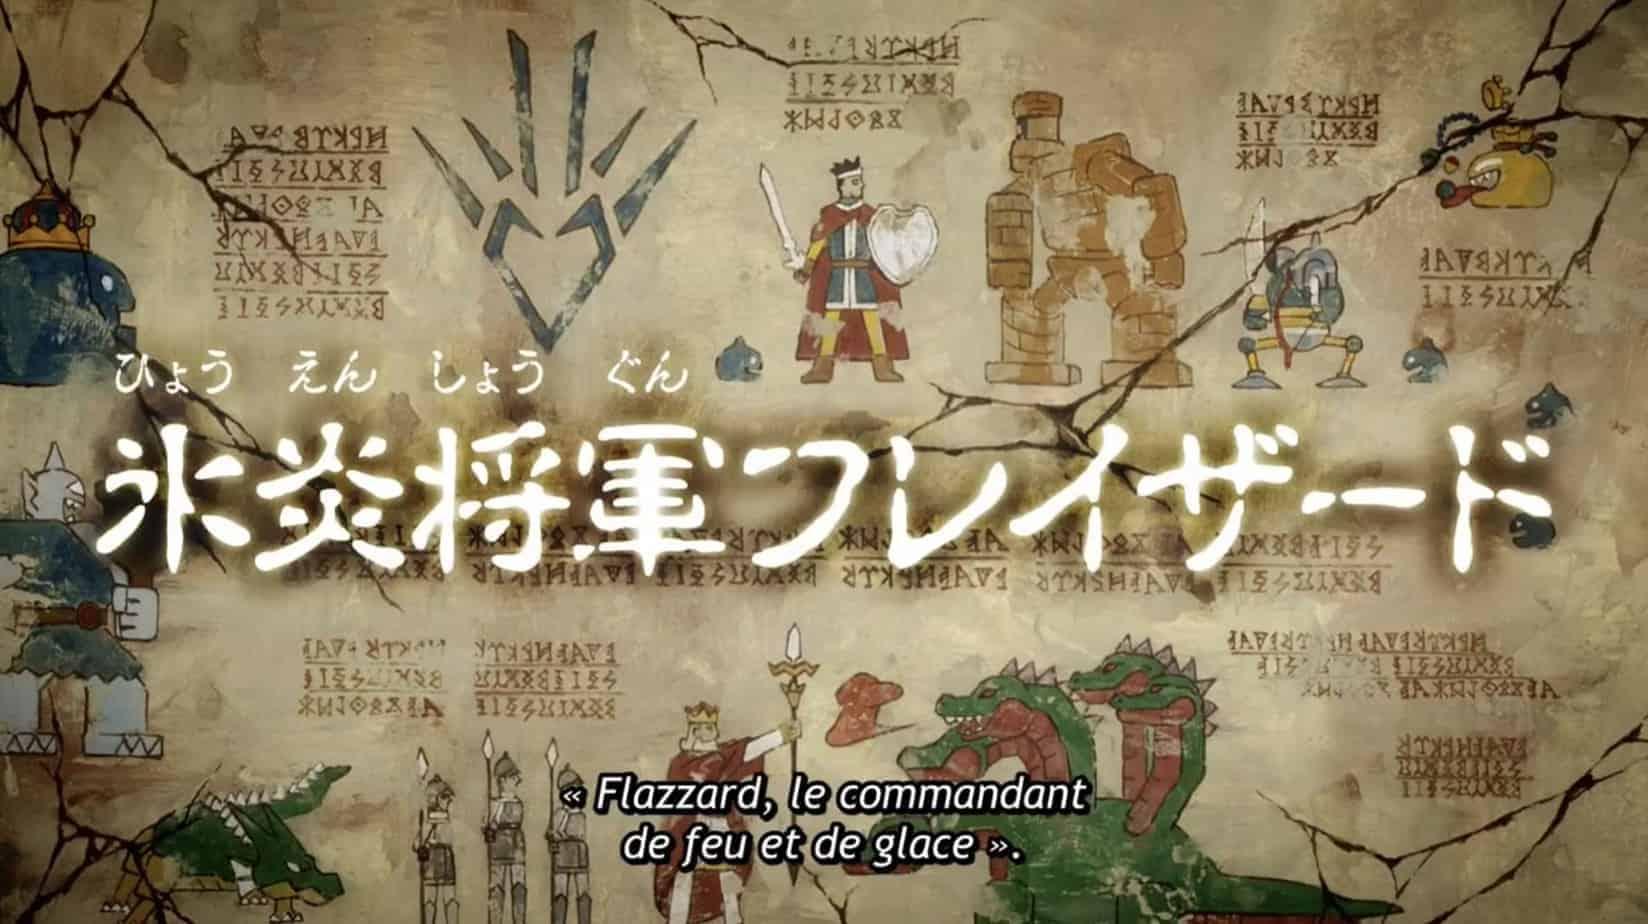 DRAGON QUEST: The Adventure of Daï épisode 14 vostfr – Flazzard, le commandant de feu et de la glace 23